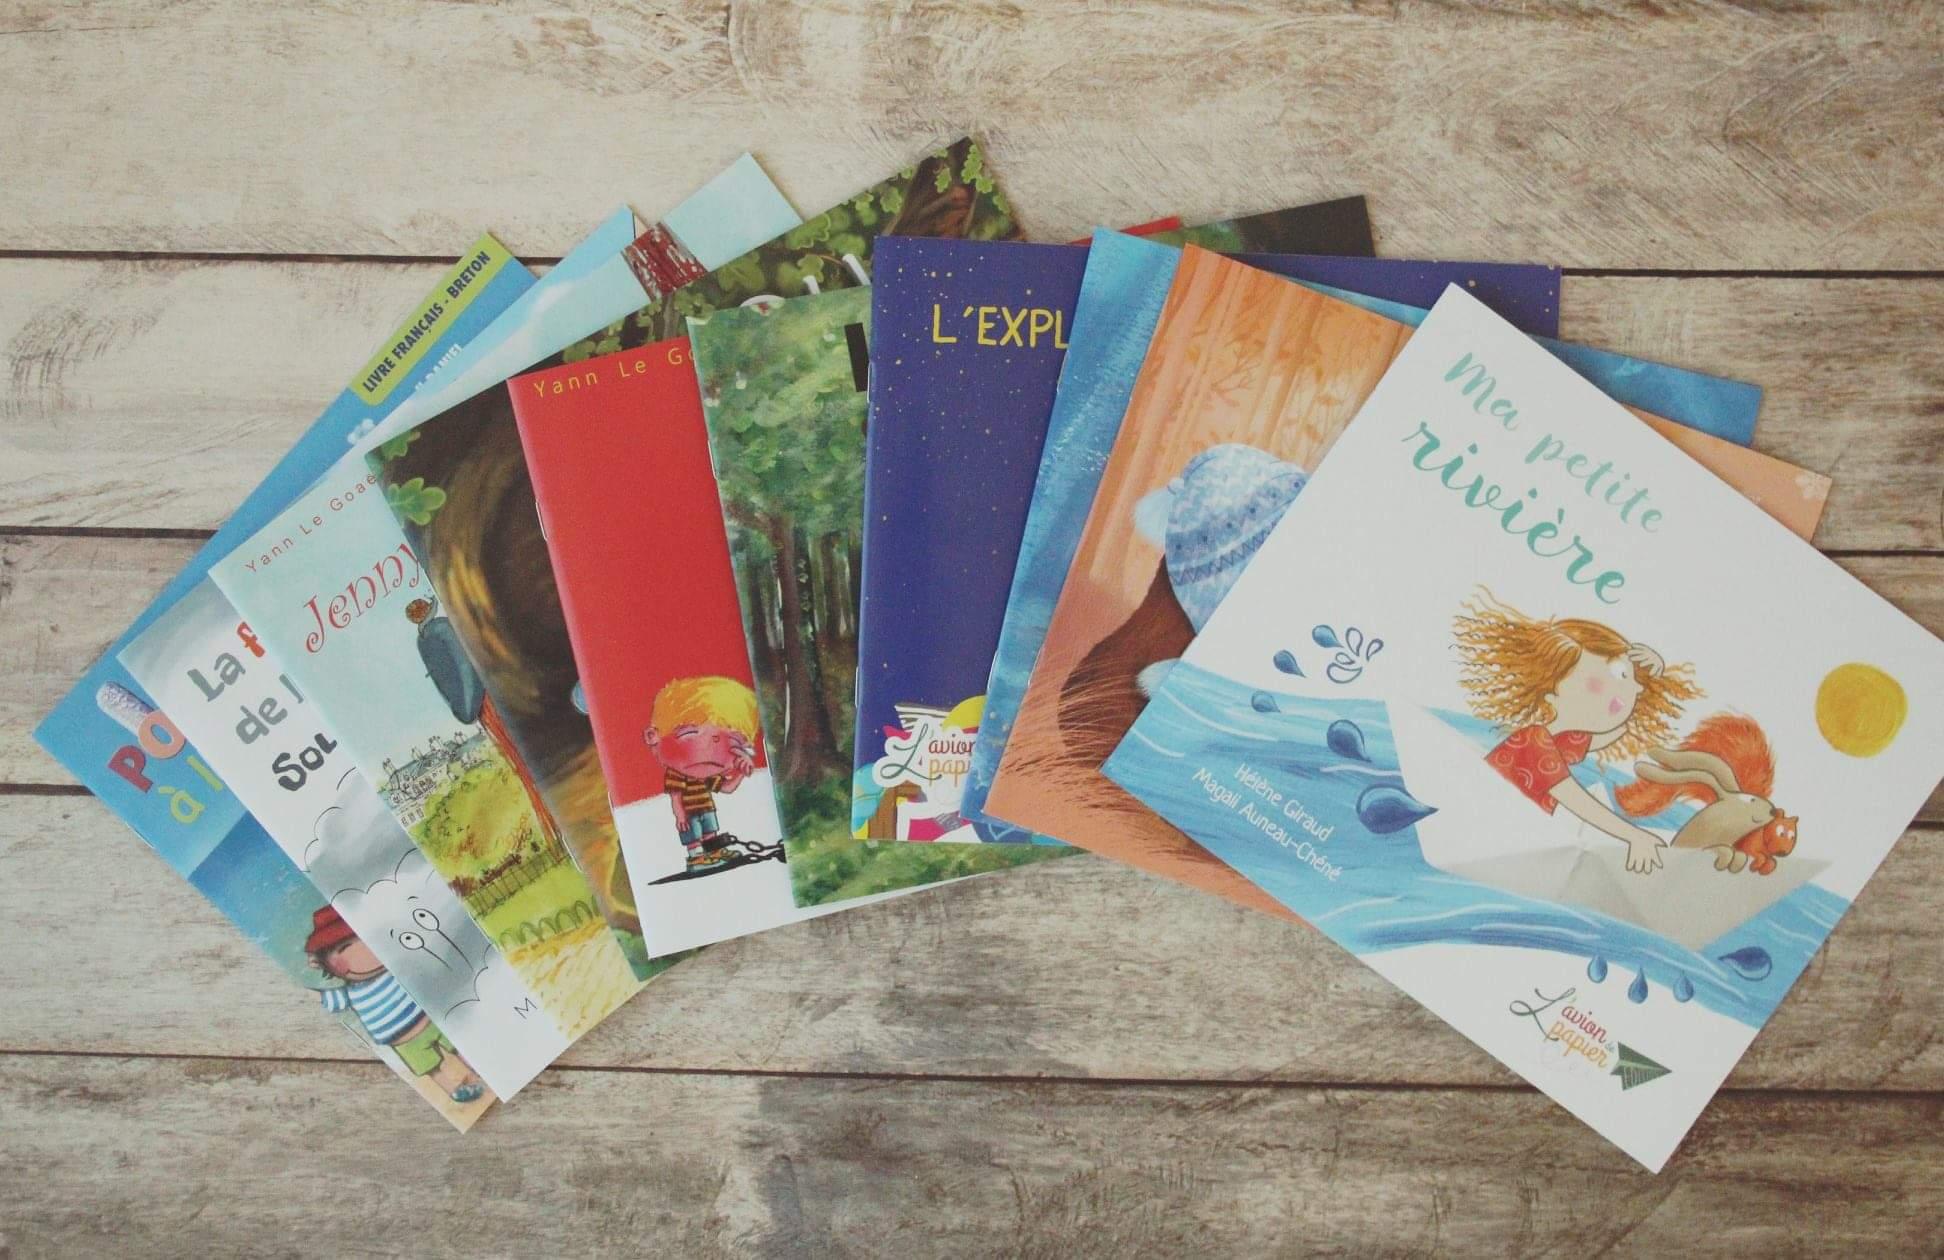 Les livres pour les enfants - Edition avion de papier